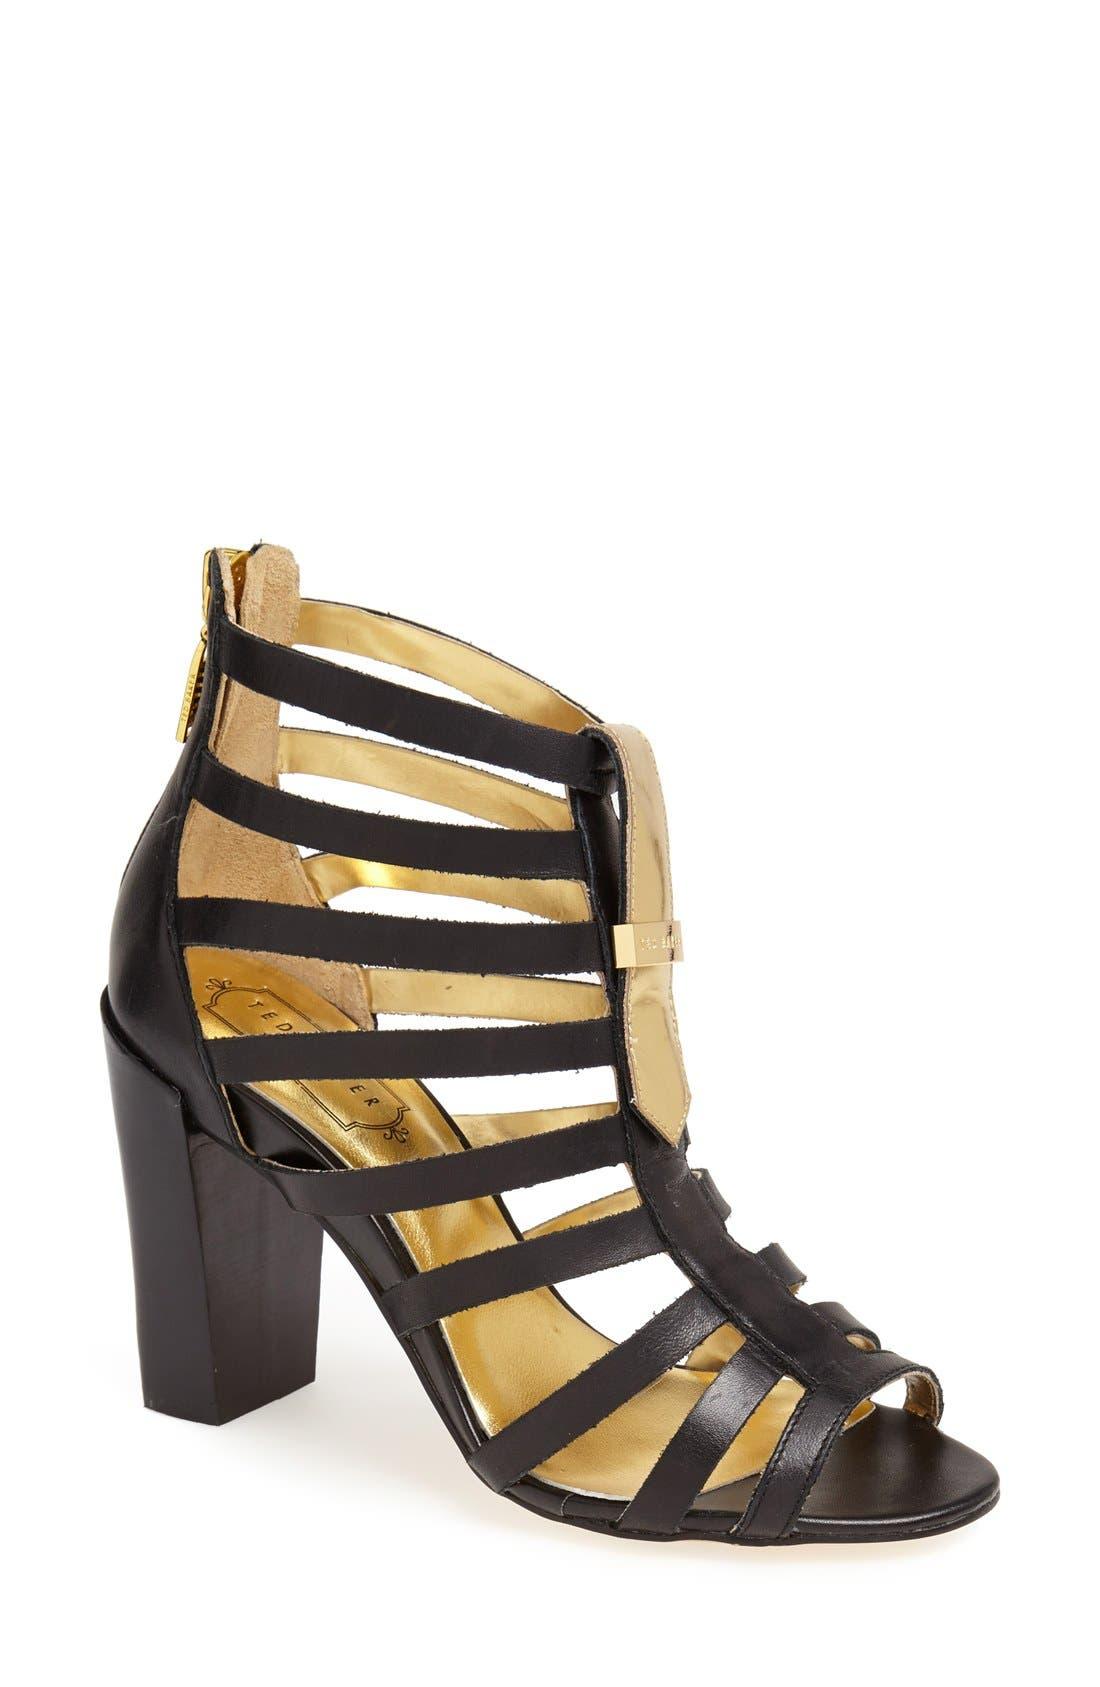 Alternate Image 1 Selected - Ted Baker London 'Aramella' Sandal